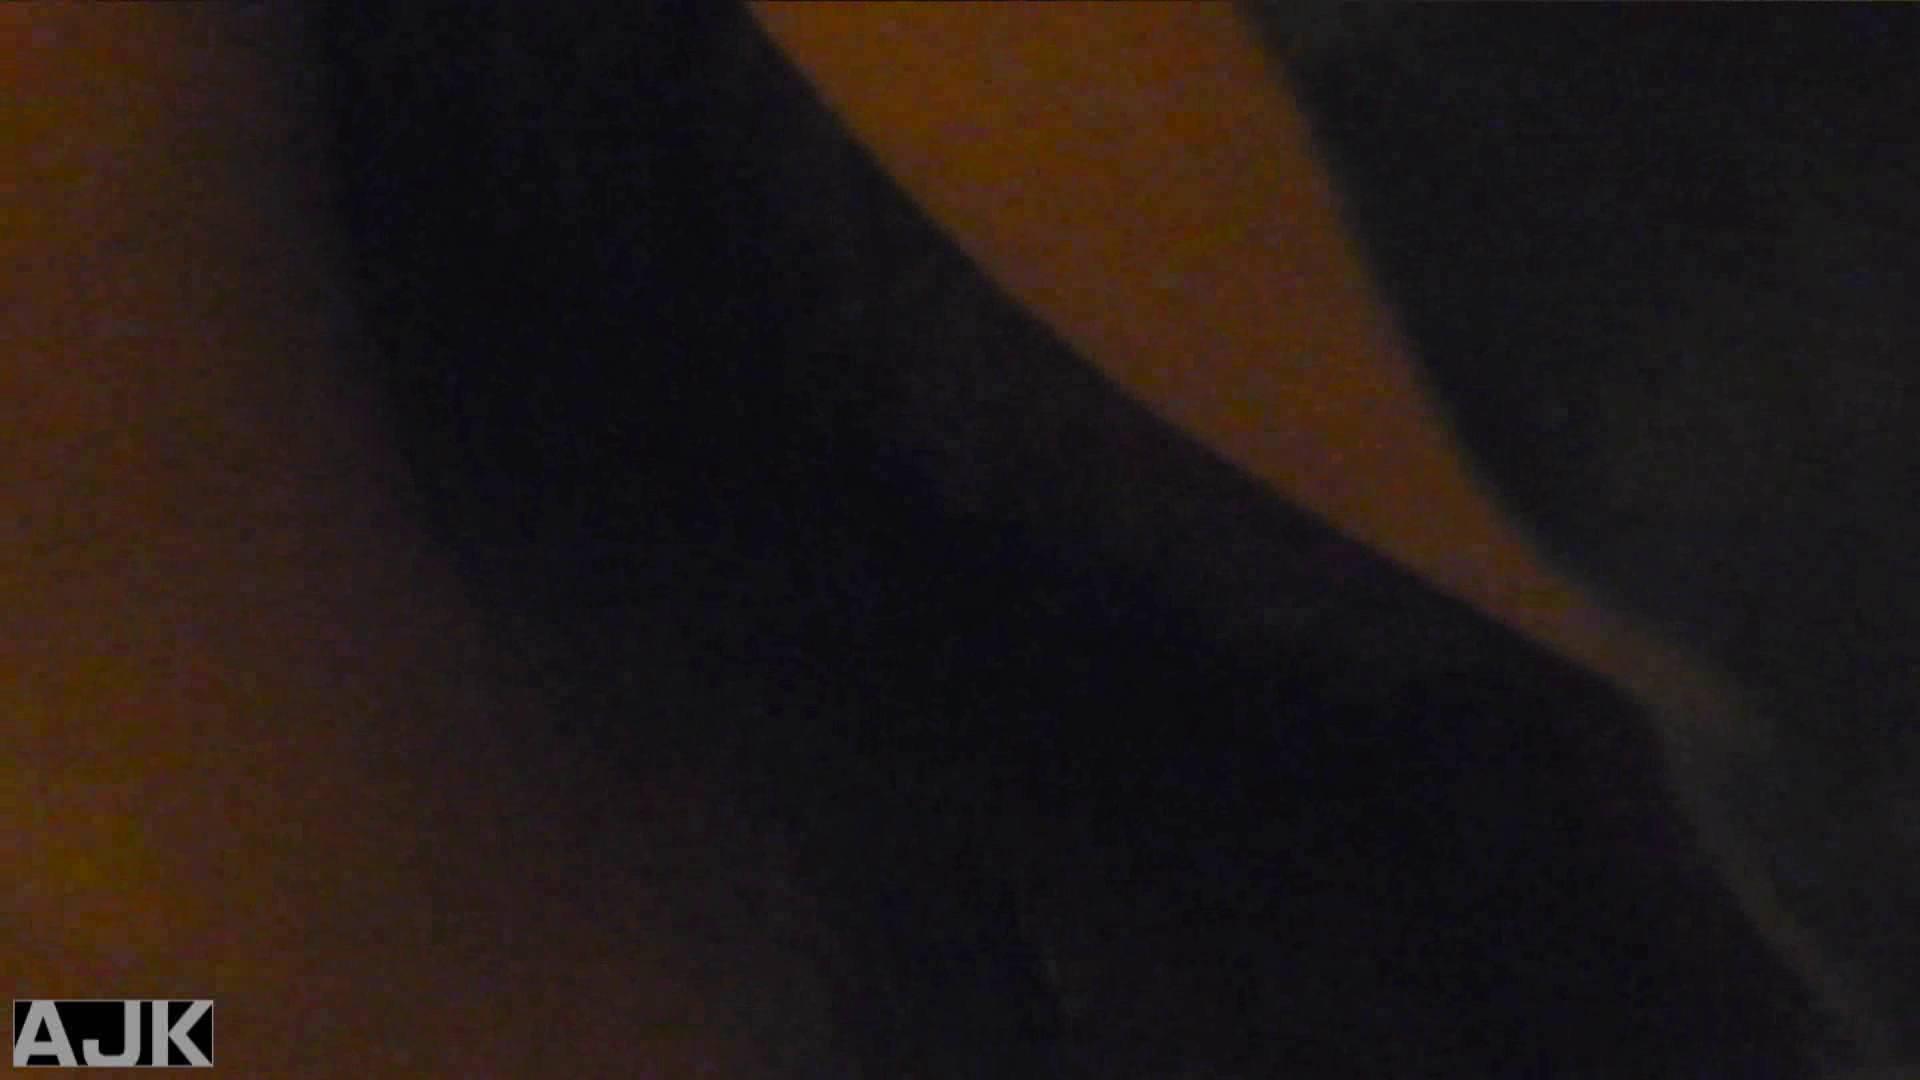 隣国上階級エリアの令嬢たちが集うデパートお手洗い Vol.26 盗撮で悶絶 AV無料動画キャプチャ 66画像 47